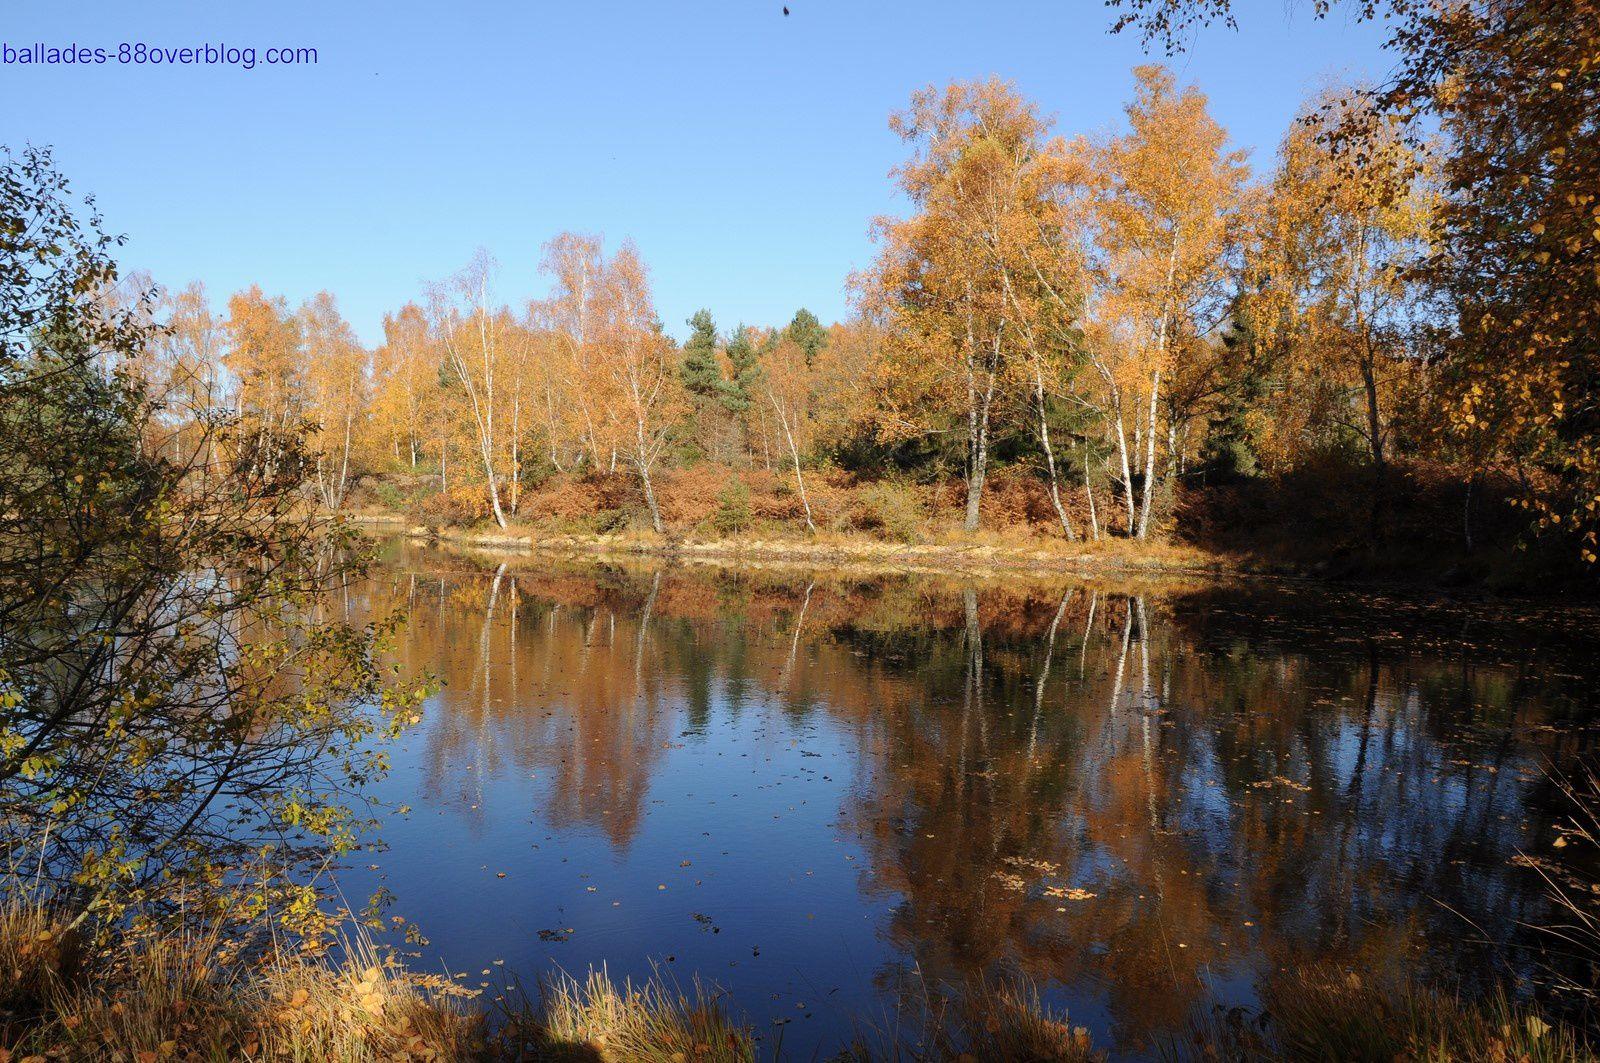 Plateau des 1000 étangs 2 novembre 2015